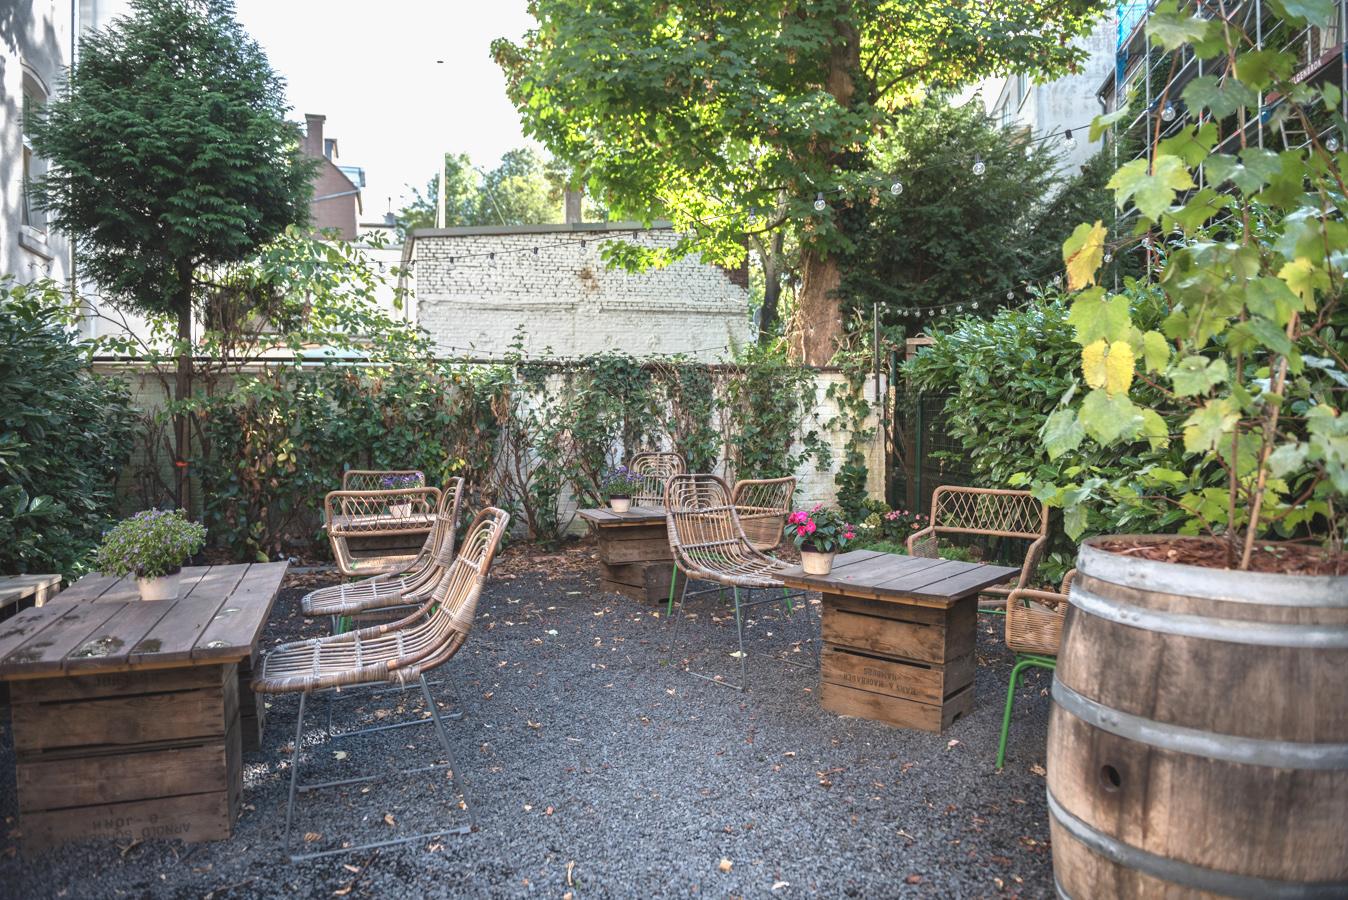 Spiesser Essen Rüttenscheid Garten